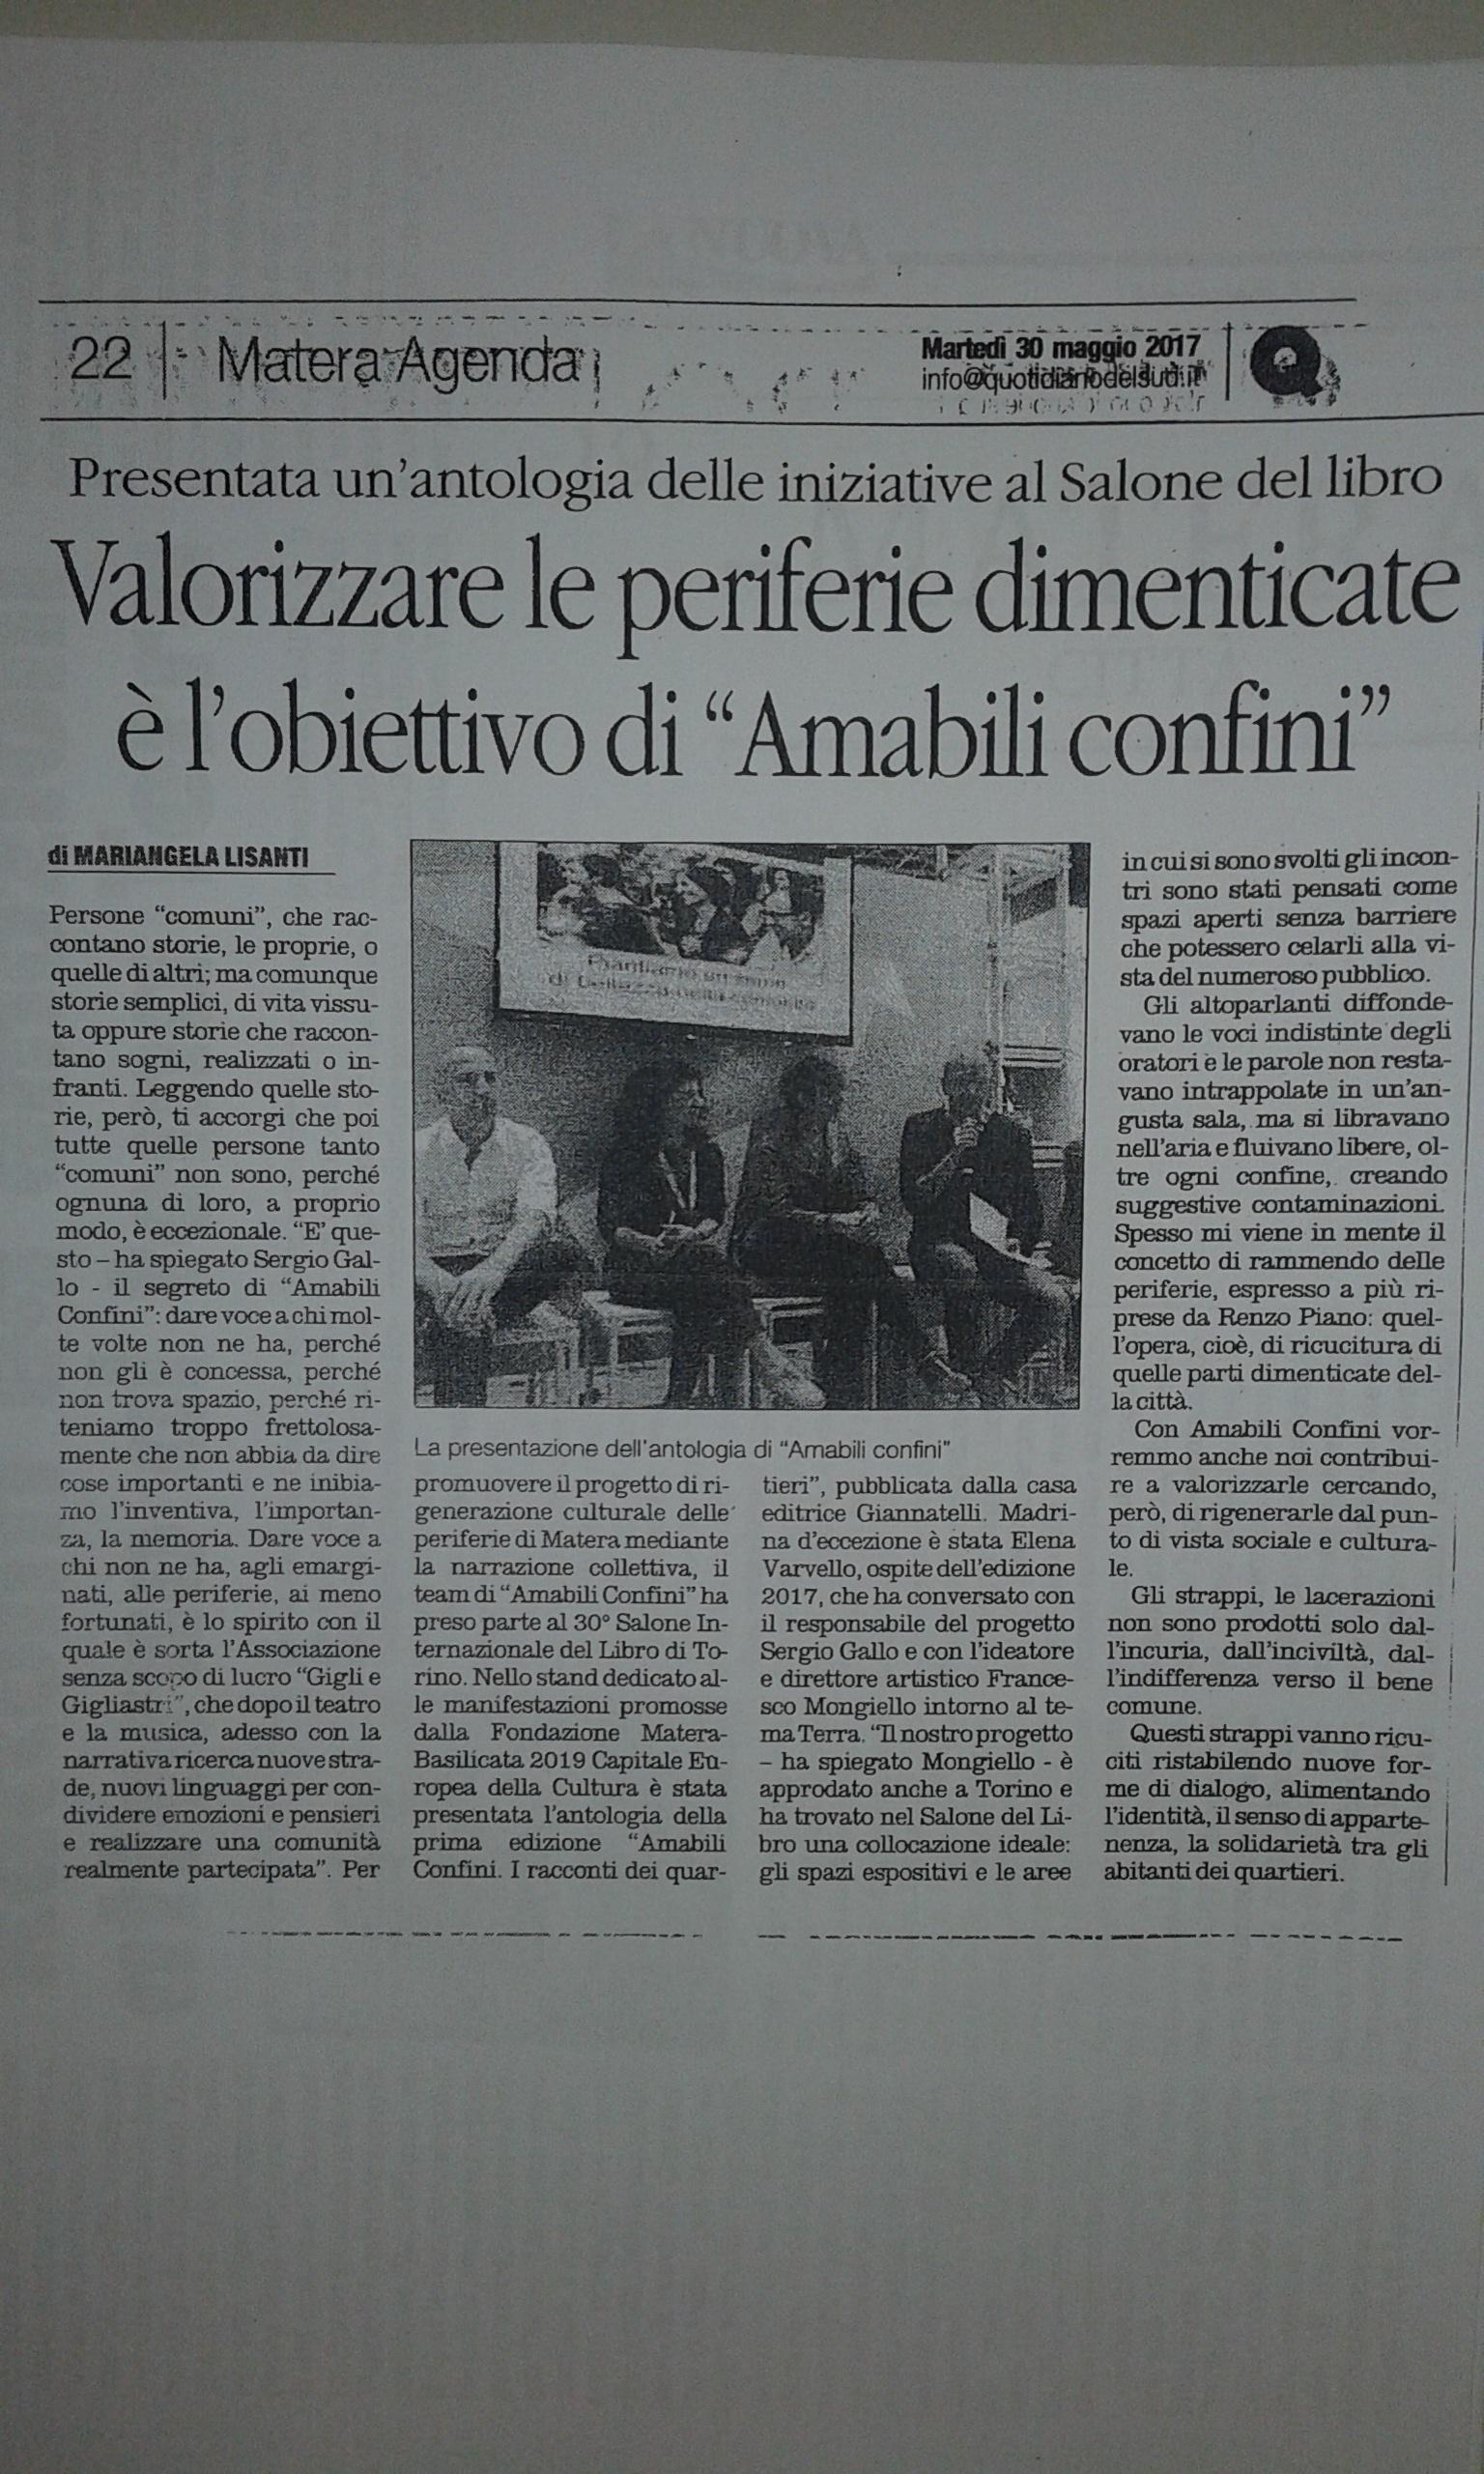 Amabili Confini 2017 - Mariangela Lisanti